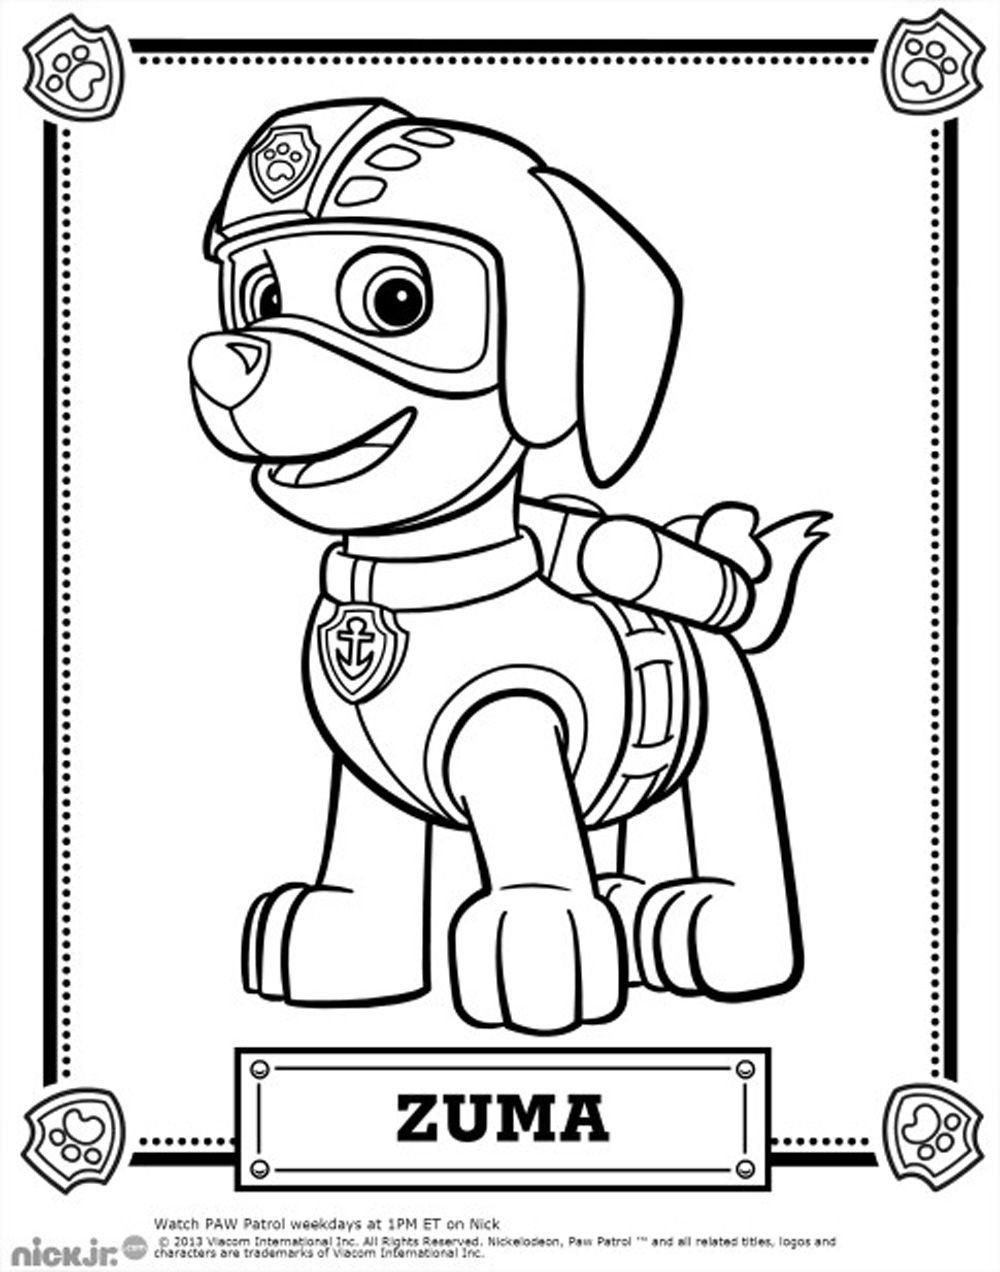 Coloriage Pat Patrouille Zuma 1000×1272 Coloring Pages